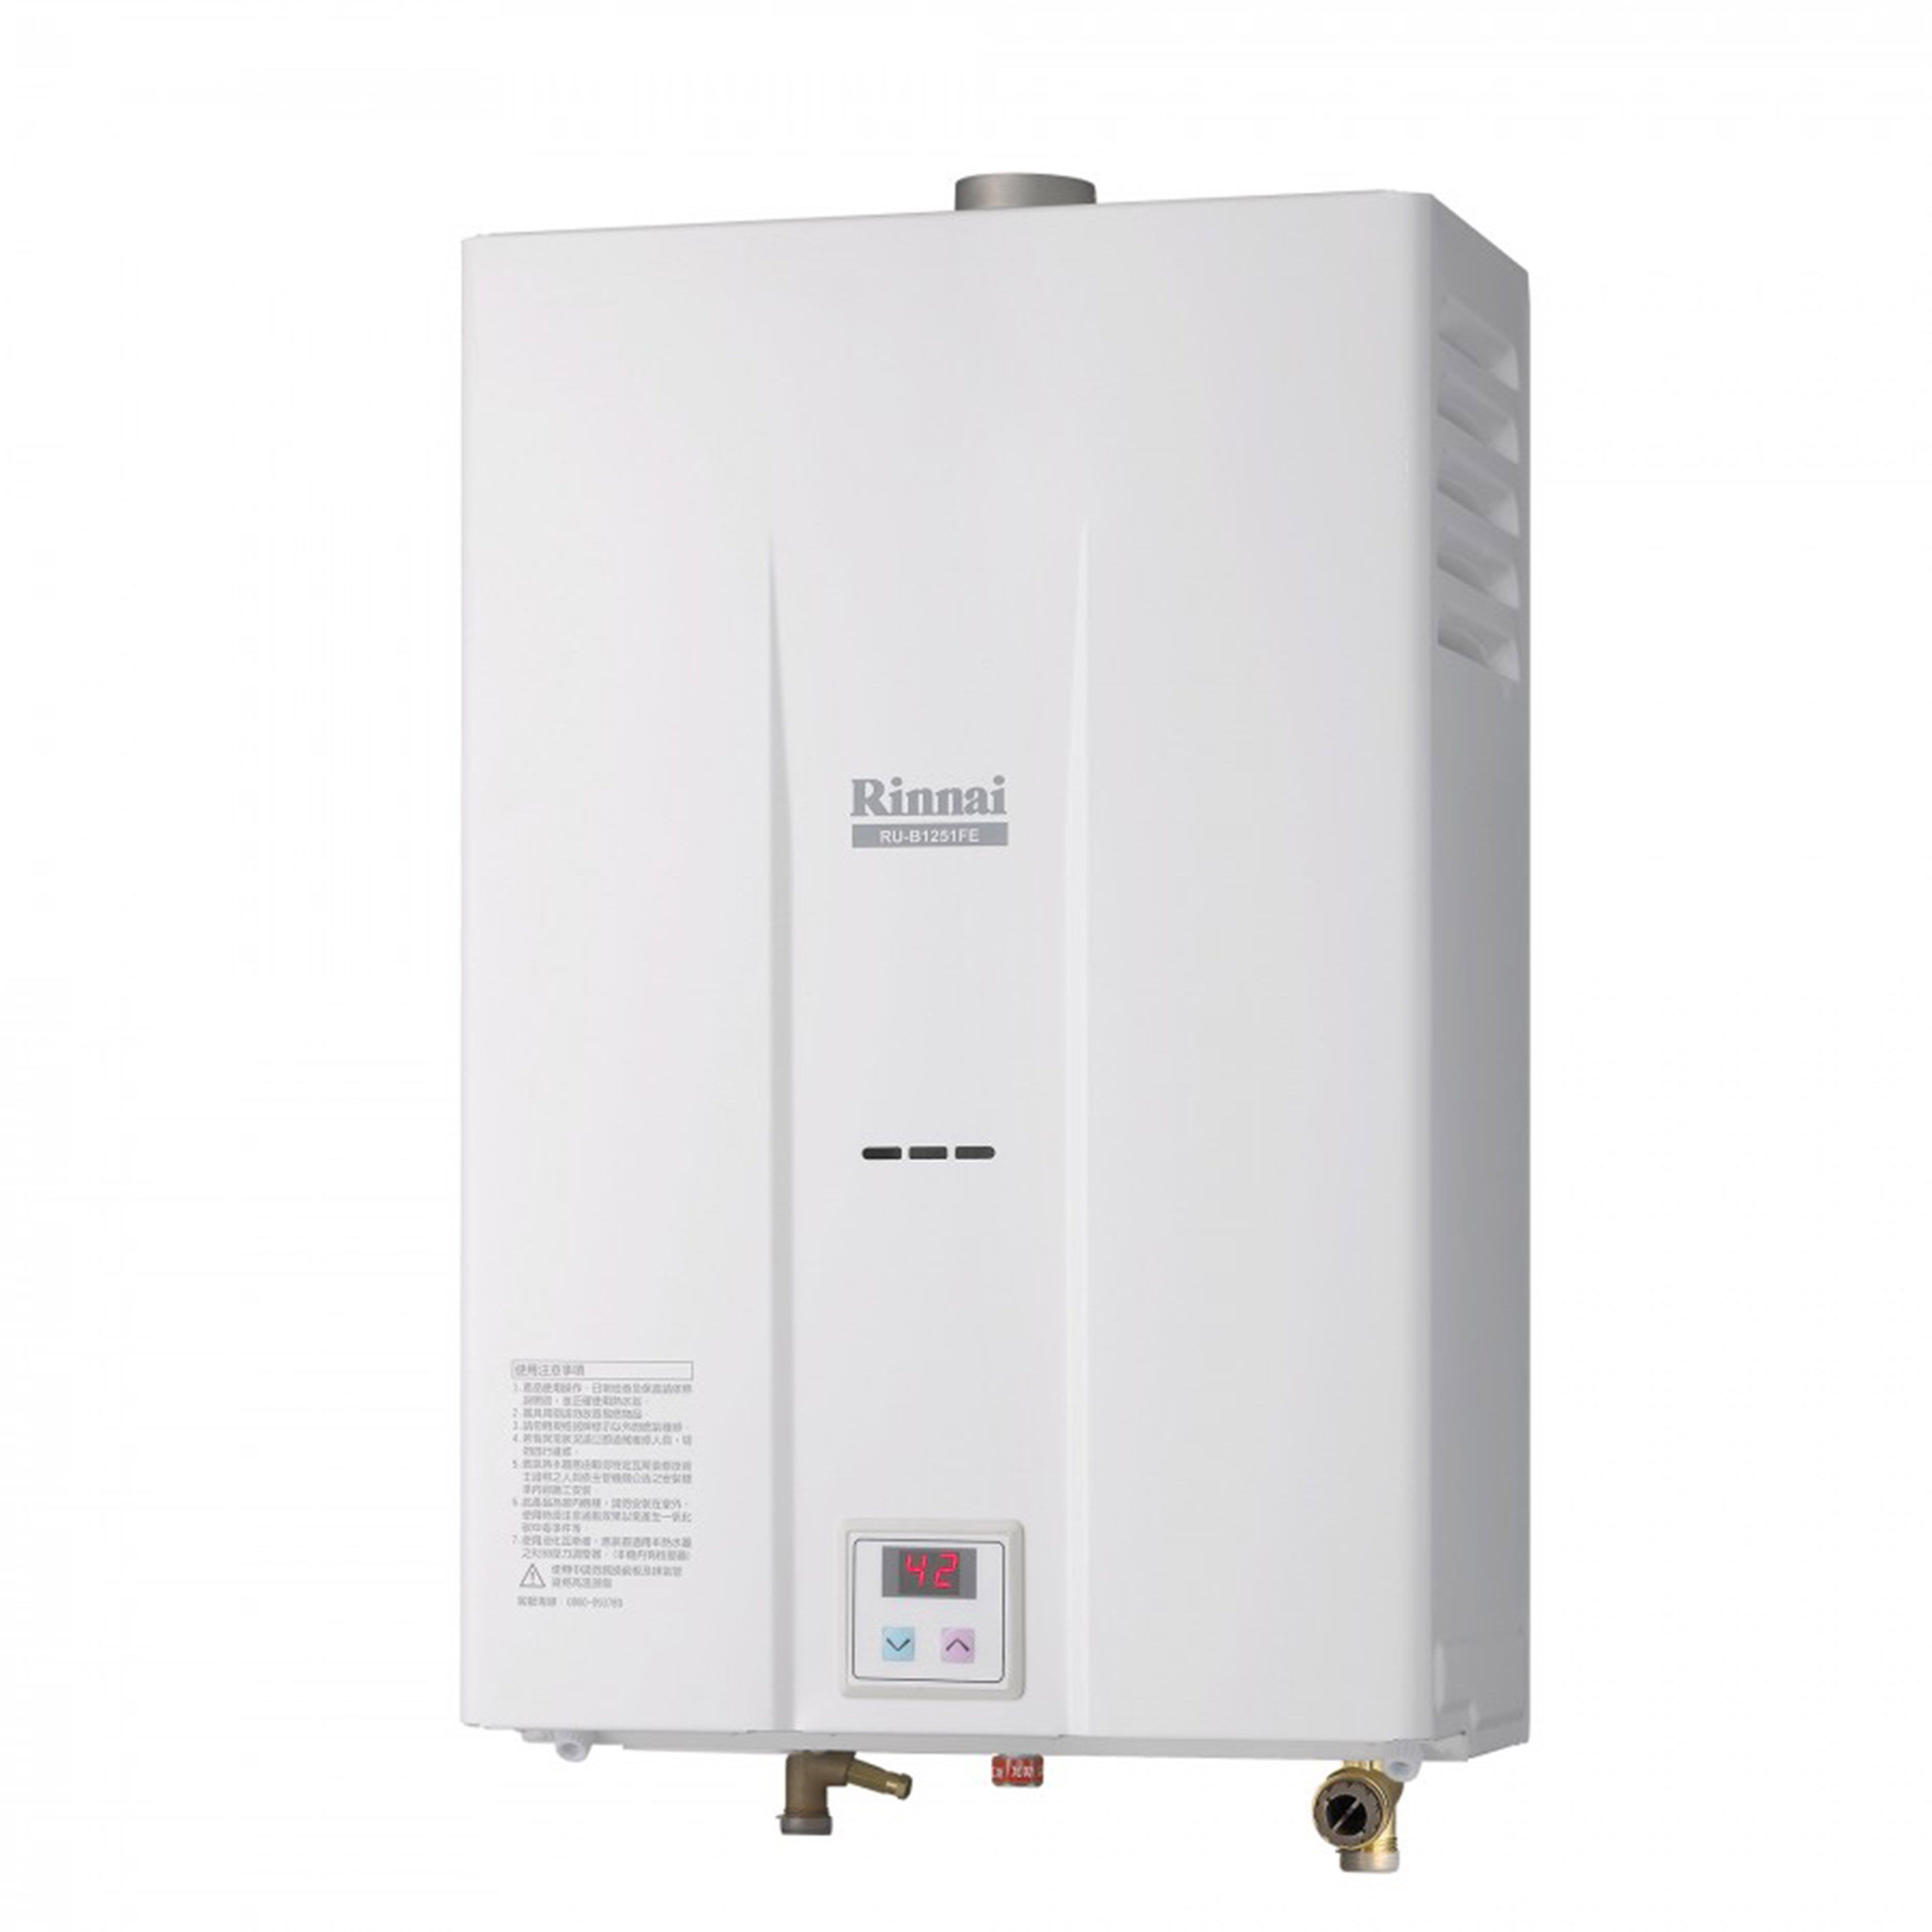 林內RU-B1251FE屋內型12L數位恆溫強排熱水器 B1251FE 1251宅配免運 不含安裝 保證原廠 保固一年